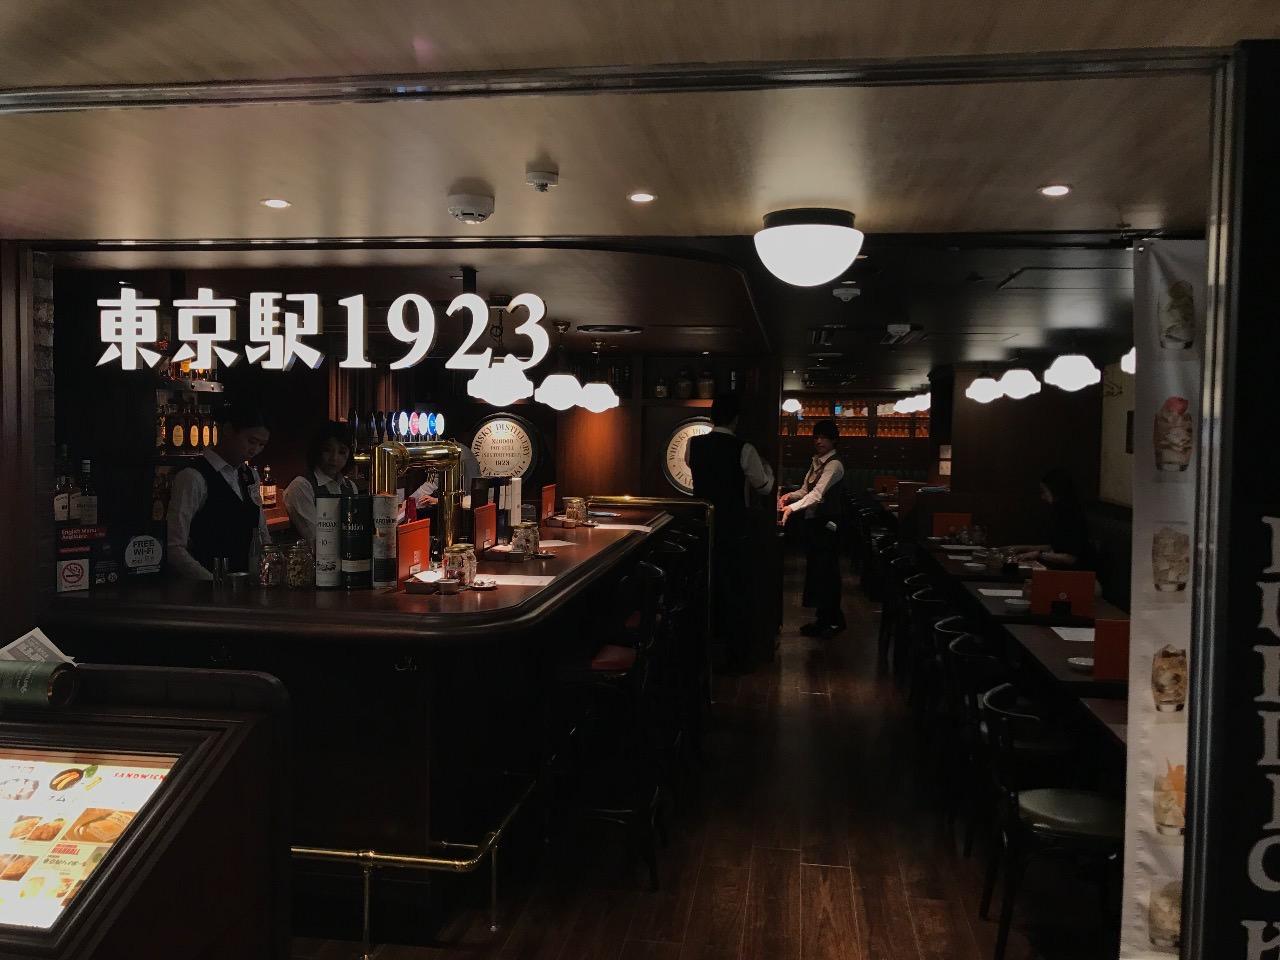 ハイボールバー東京駅 1923 02